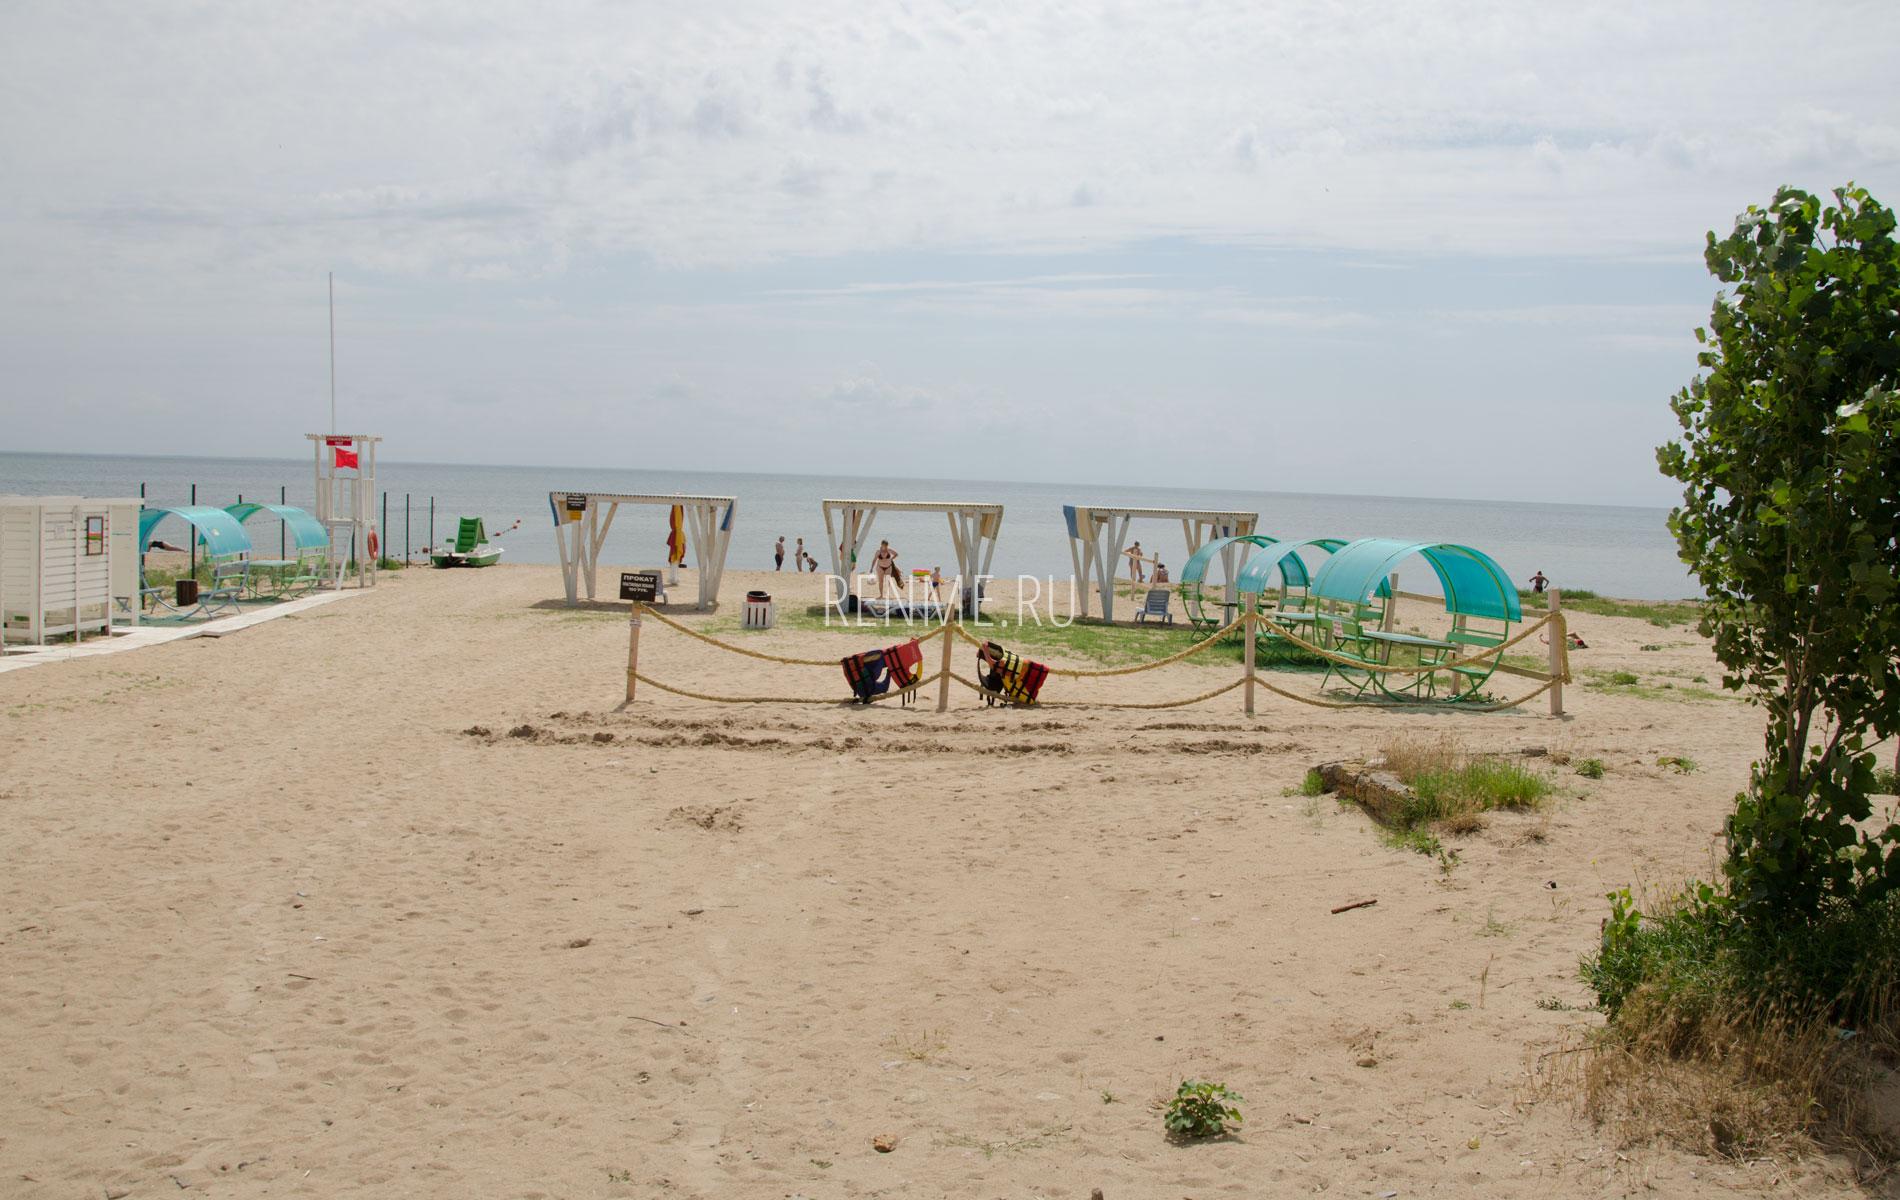 Песчаные пляжи Заозерного 29 июня. Фото Заозёрного